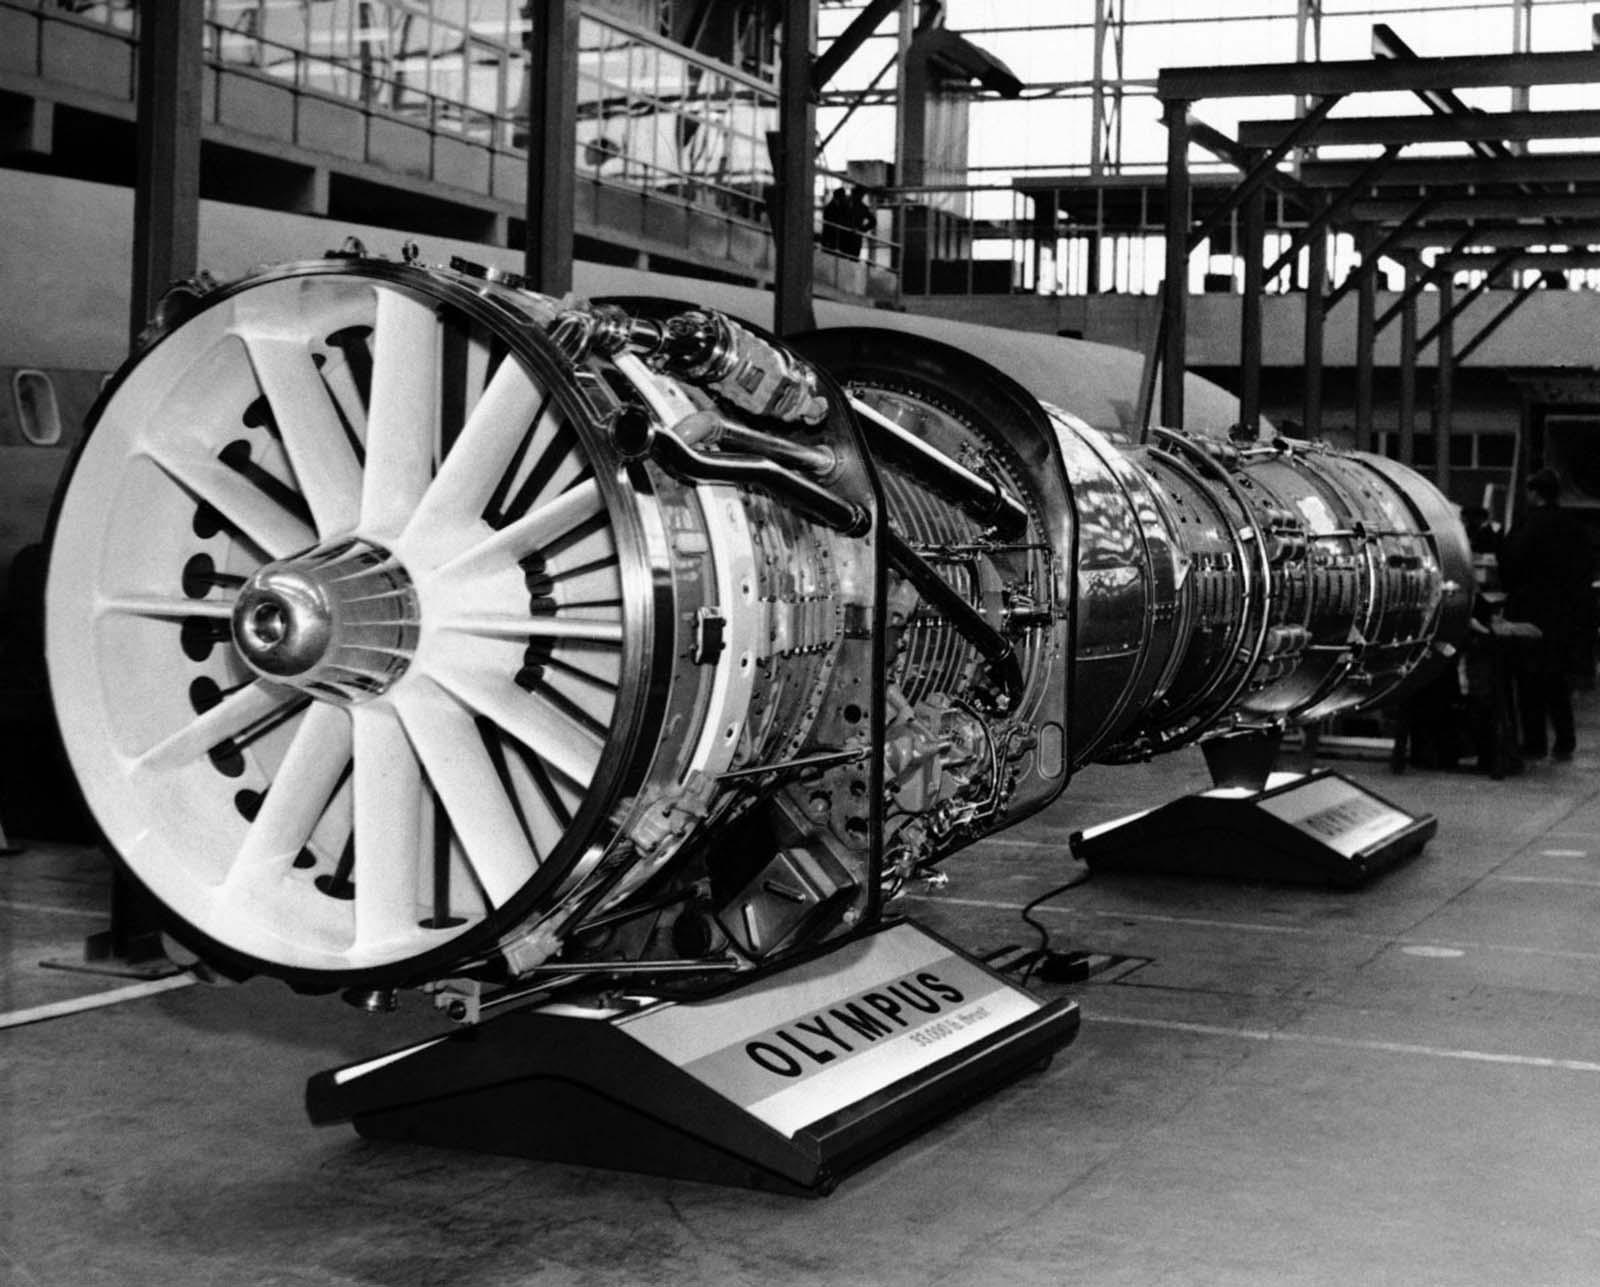 A Concorde meghajtására kiválasztott motor az Olympus 593 turbóegység volt, amelyet a Rolls-Royce / Bristol Siddeley és a Snecma fejlesztett ki.